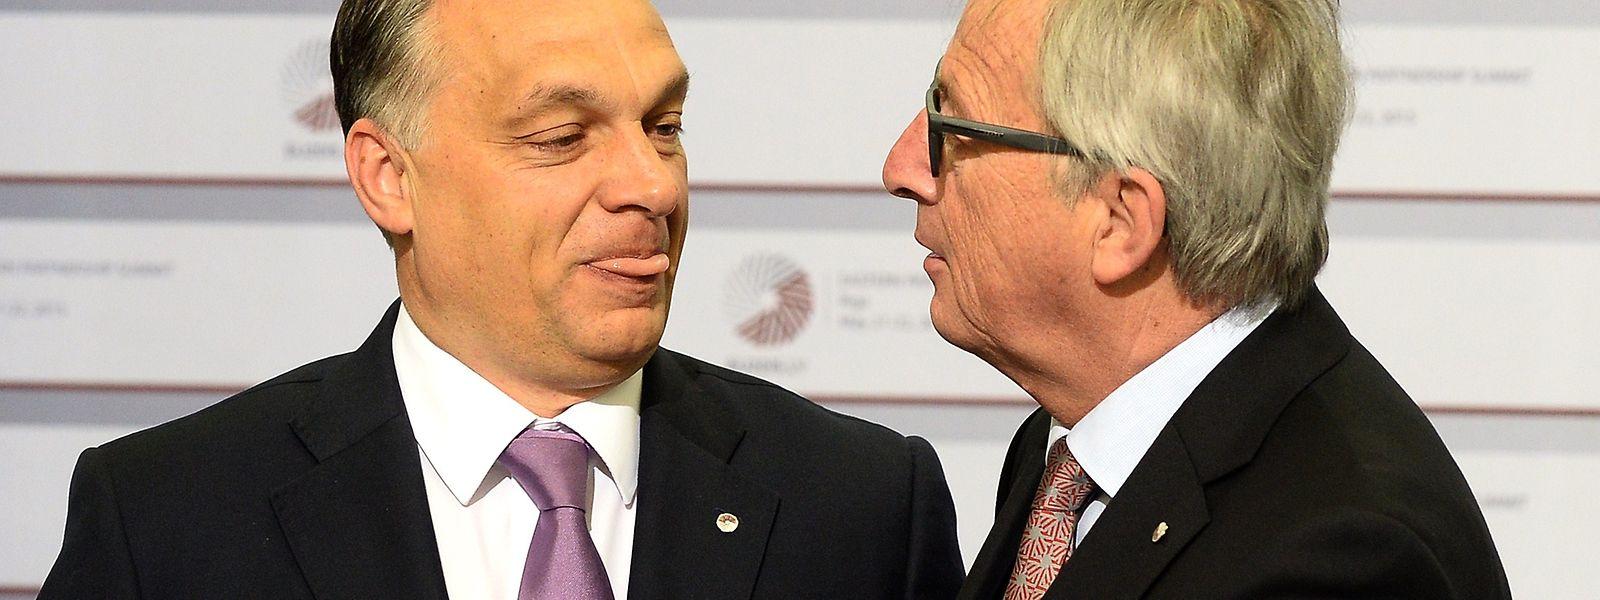 Zwischen Victor Orban und Jean-Claude Juncker war es mehrfach zu Spannungen gekommen.